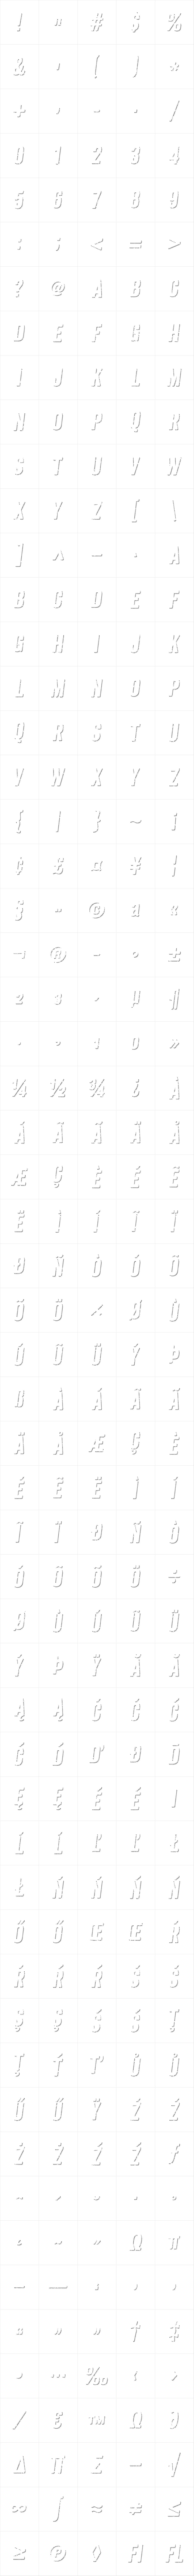 Anodyne Shadow Italic